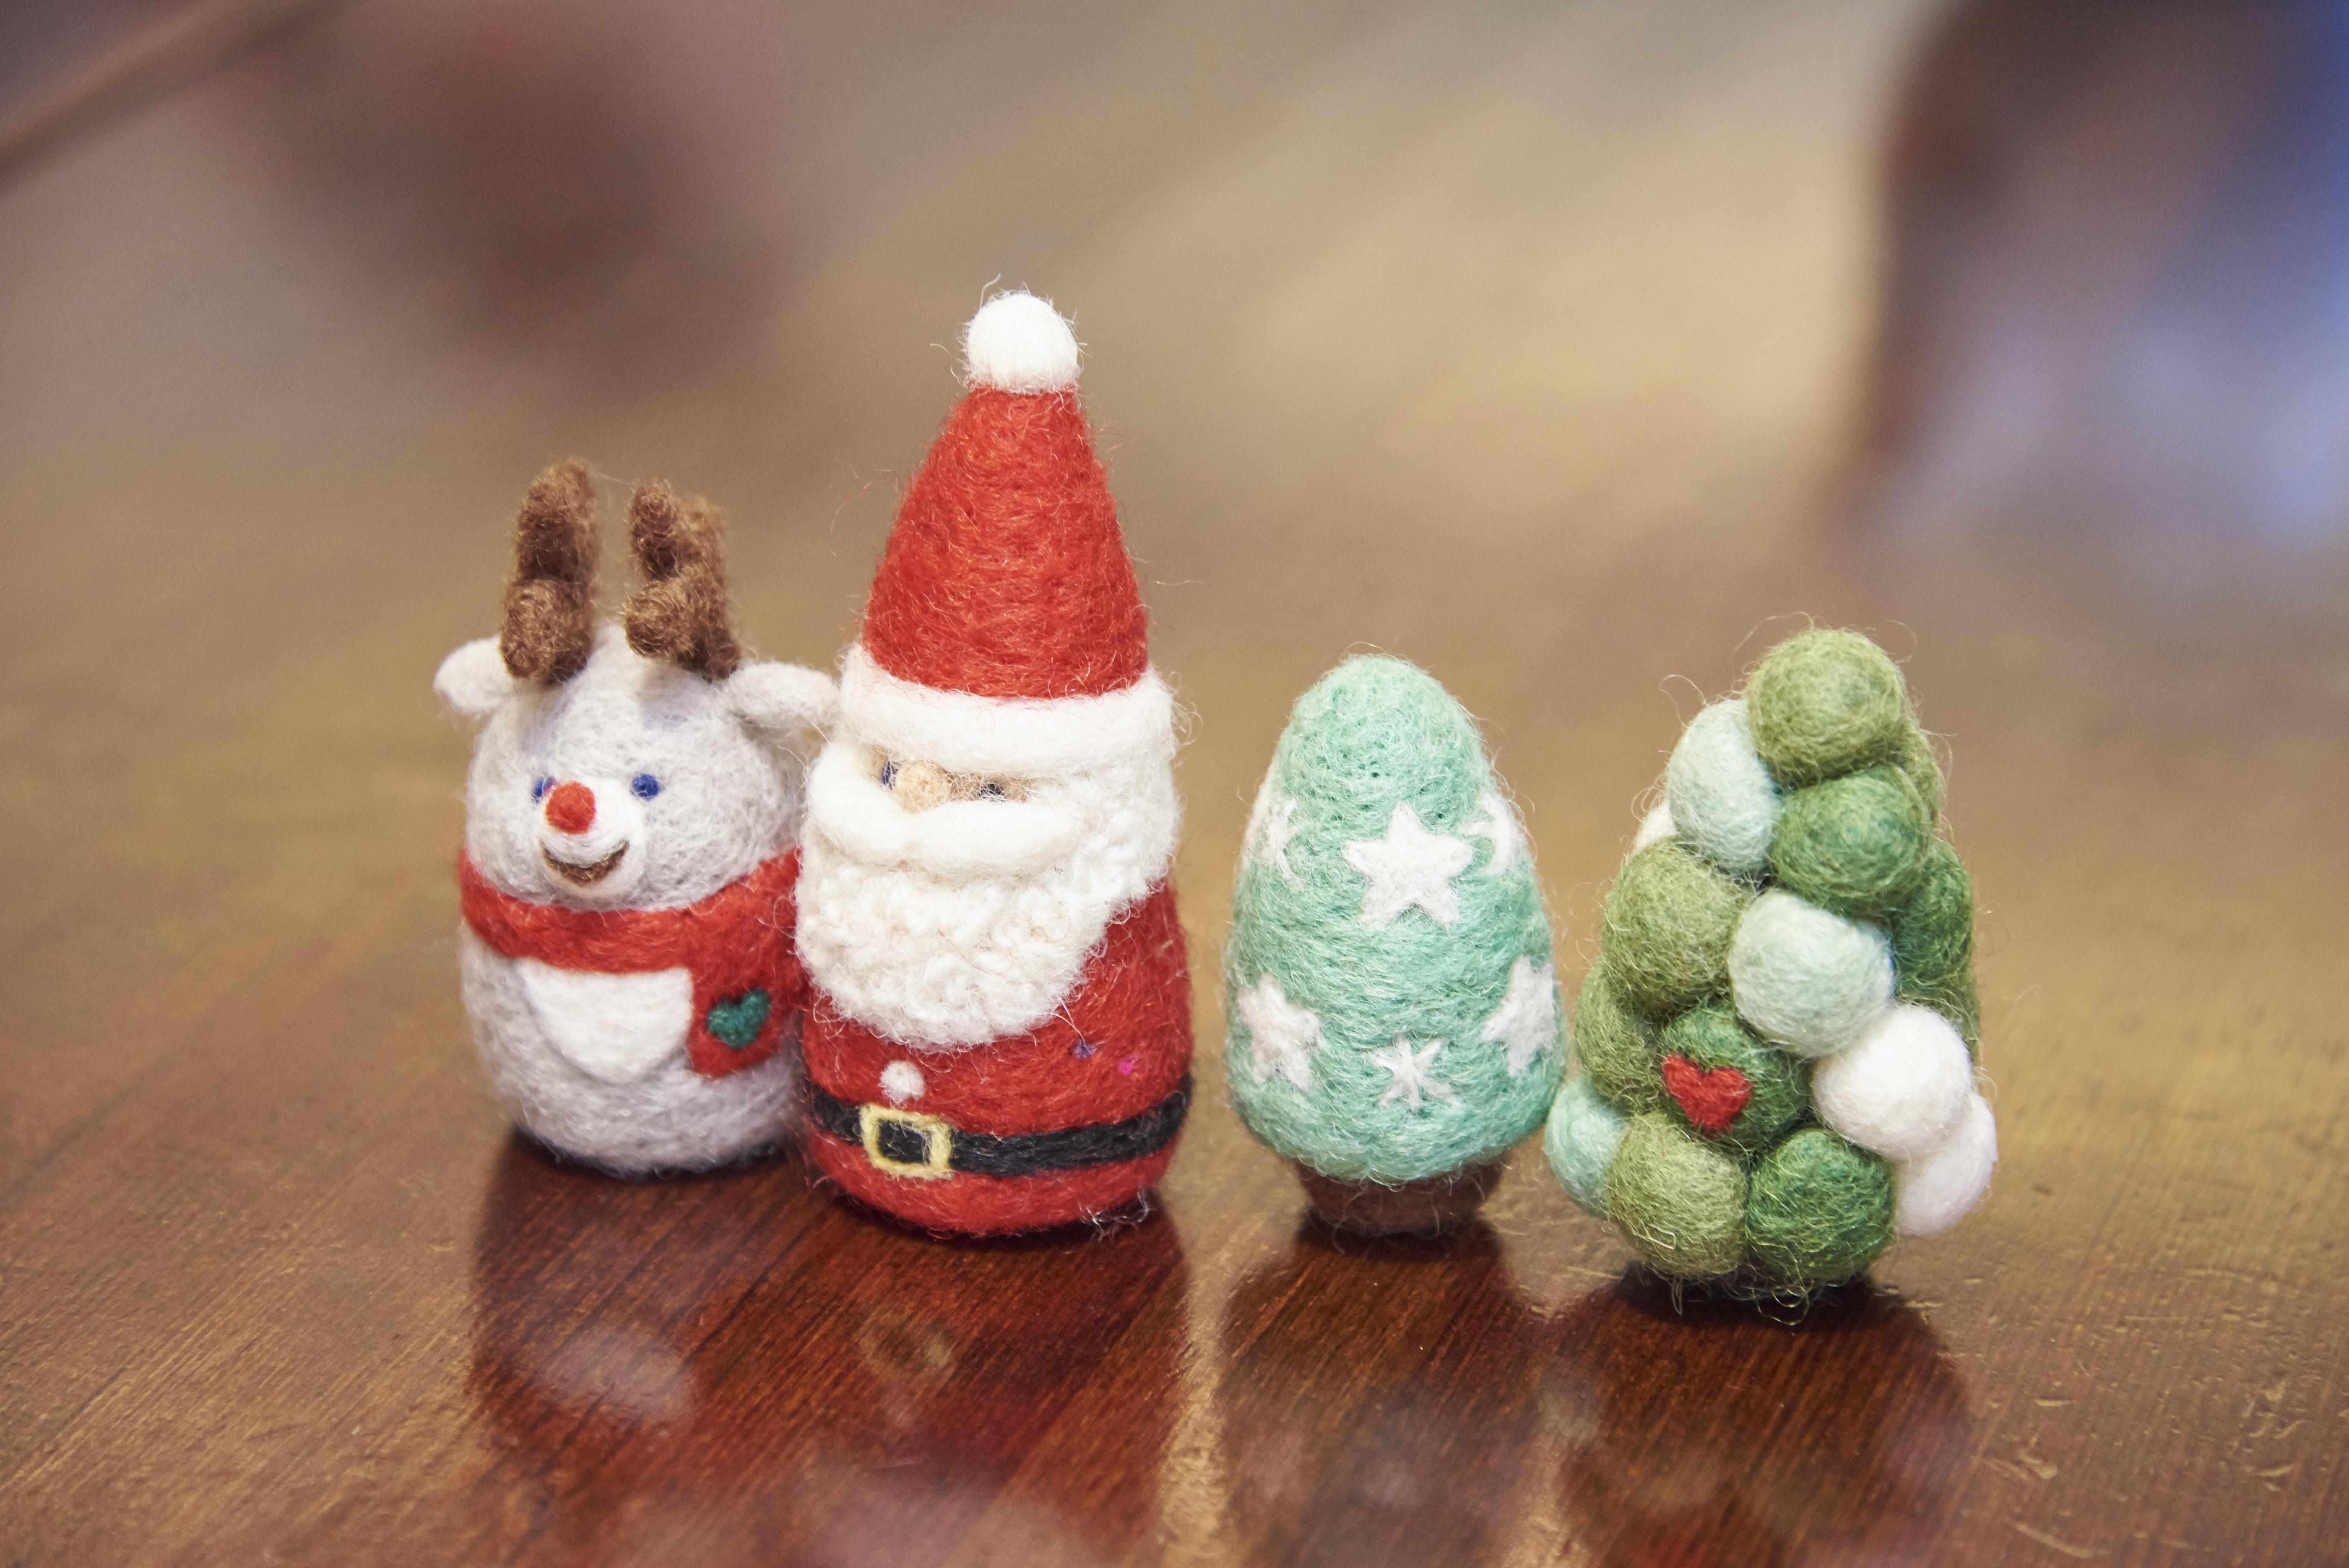 日本一クリスマスとサンタクロースに詳しい NPO団体を目指して―清輔夏輝さん(後…